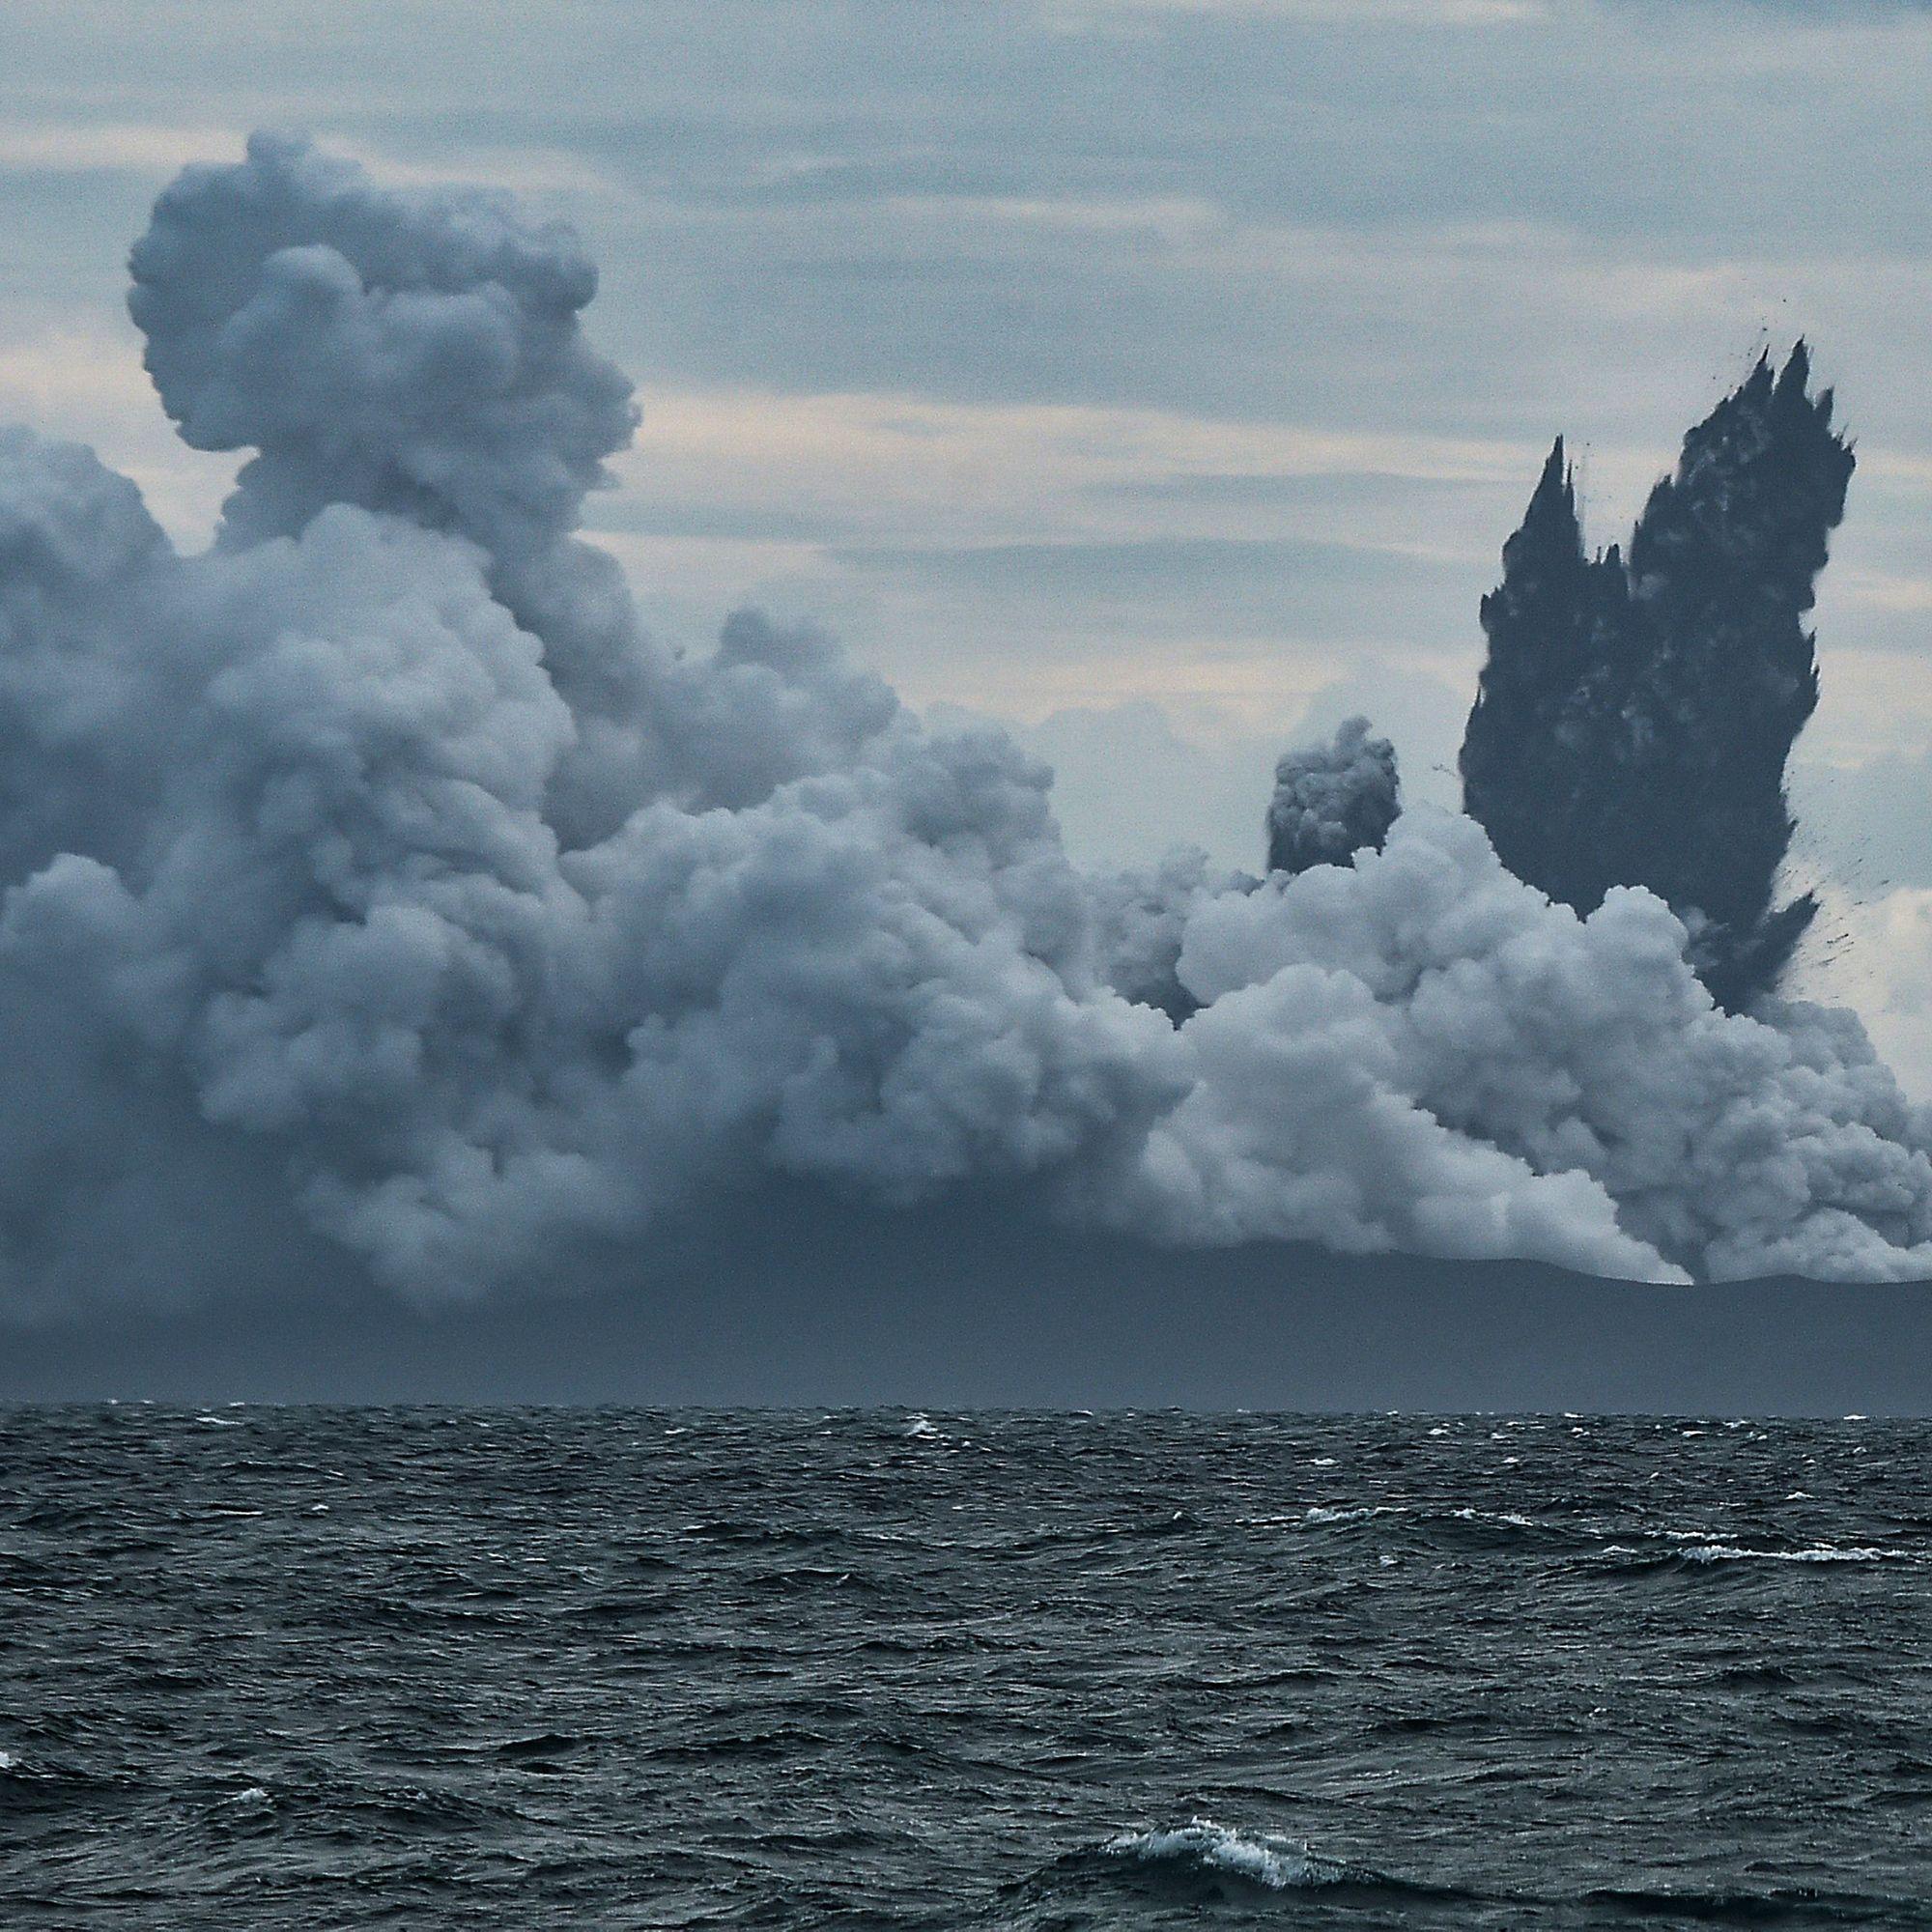 Indonesia's Volatile Child of Krakatau Collapsed, but Now